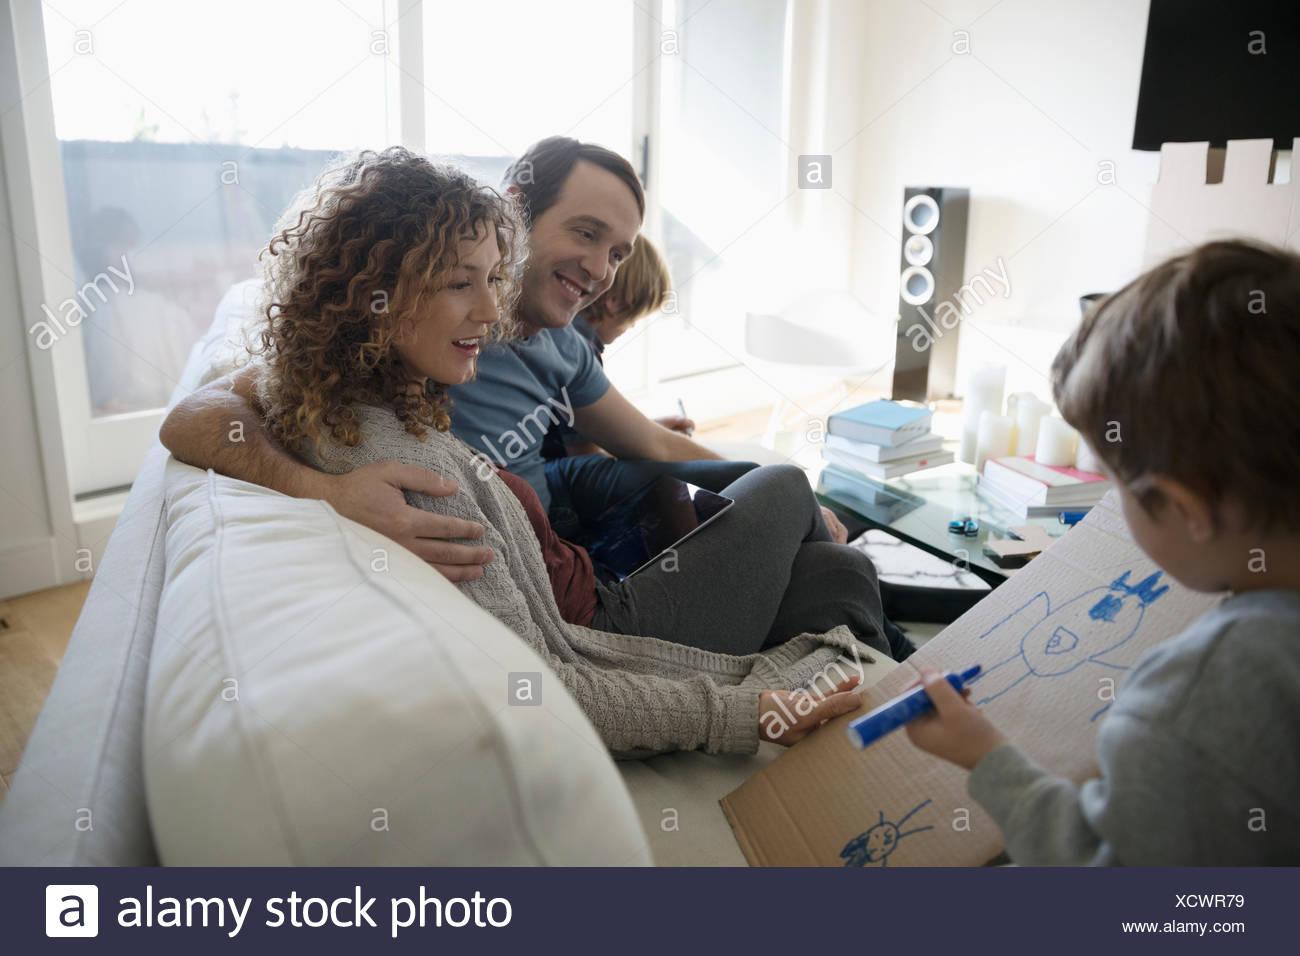 Sofá relax en familia,hijo de padres mostrando el dibujo sobre cartón Imagen De Stock